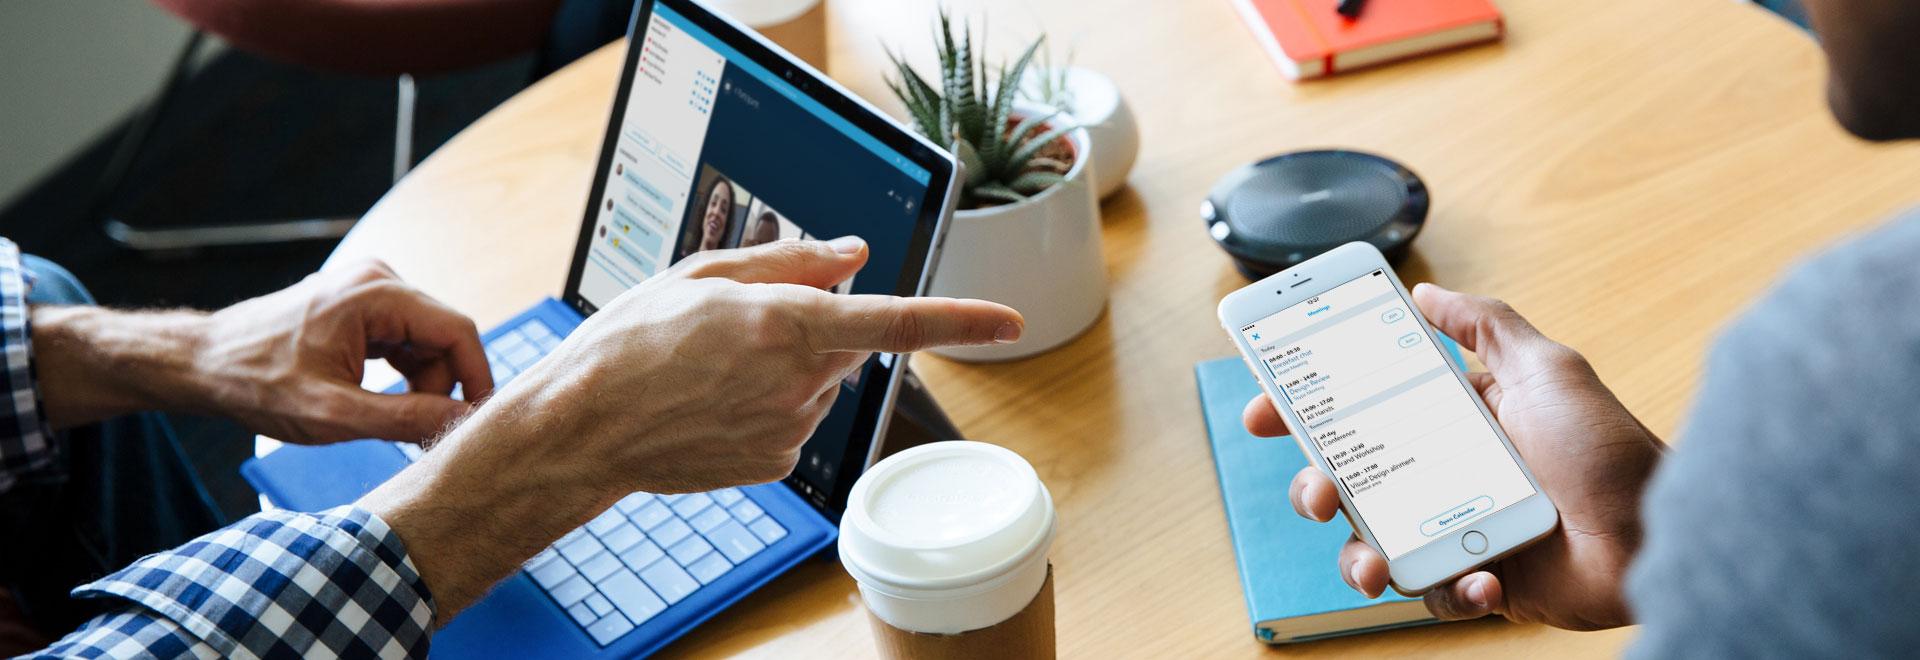 한 명은 휴대폰으로, 다른 한 명은 노트북으로 책상 앞에서 비즈니스용 Skype를 사용하고 있는 두 사람